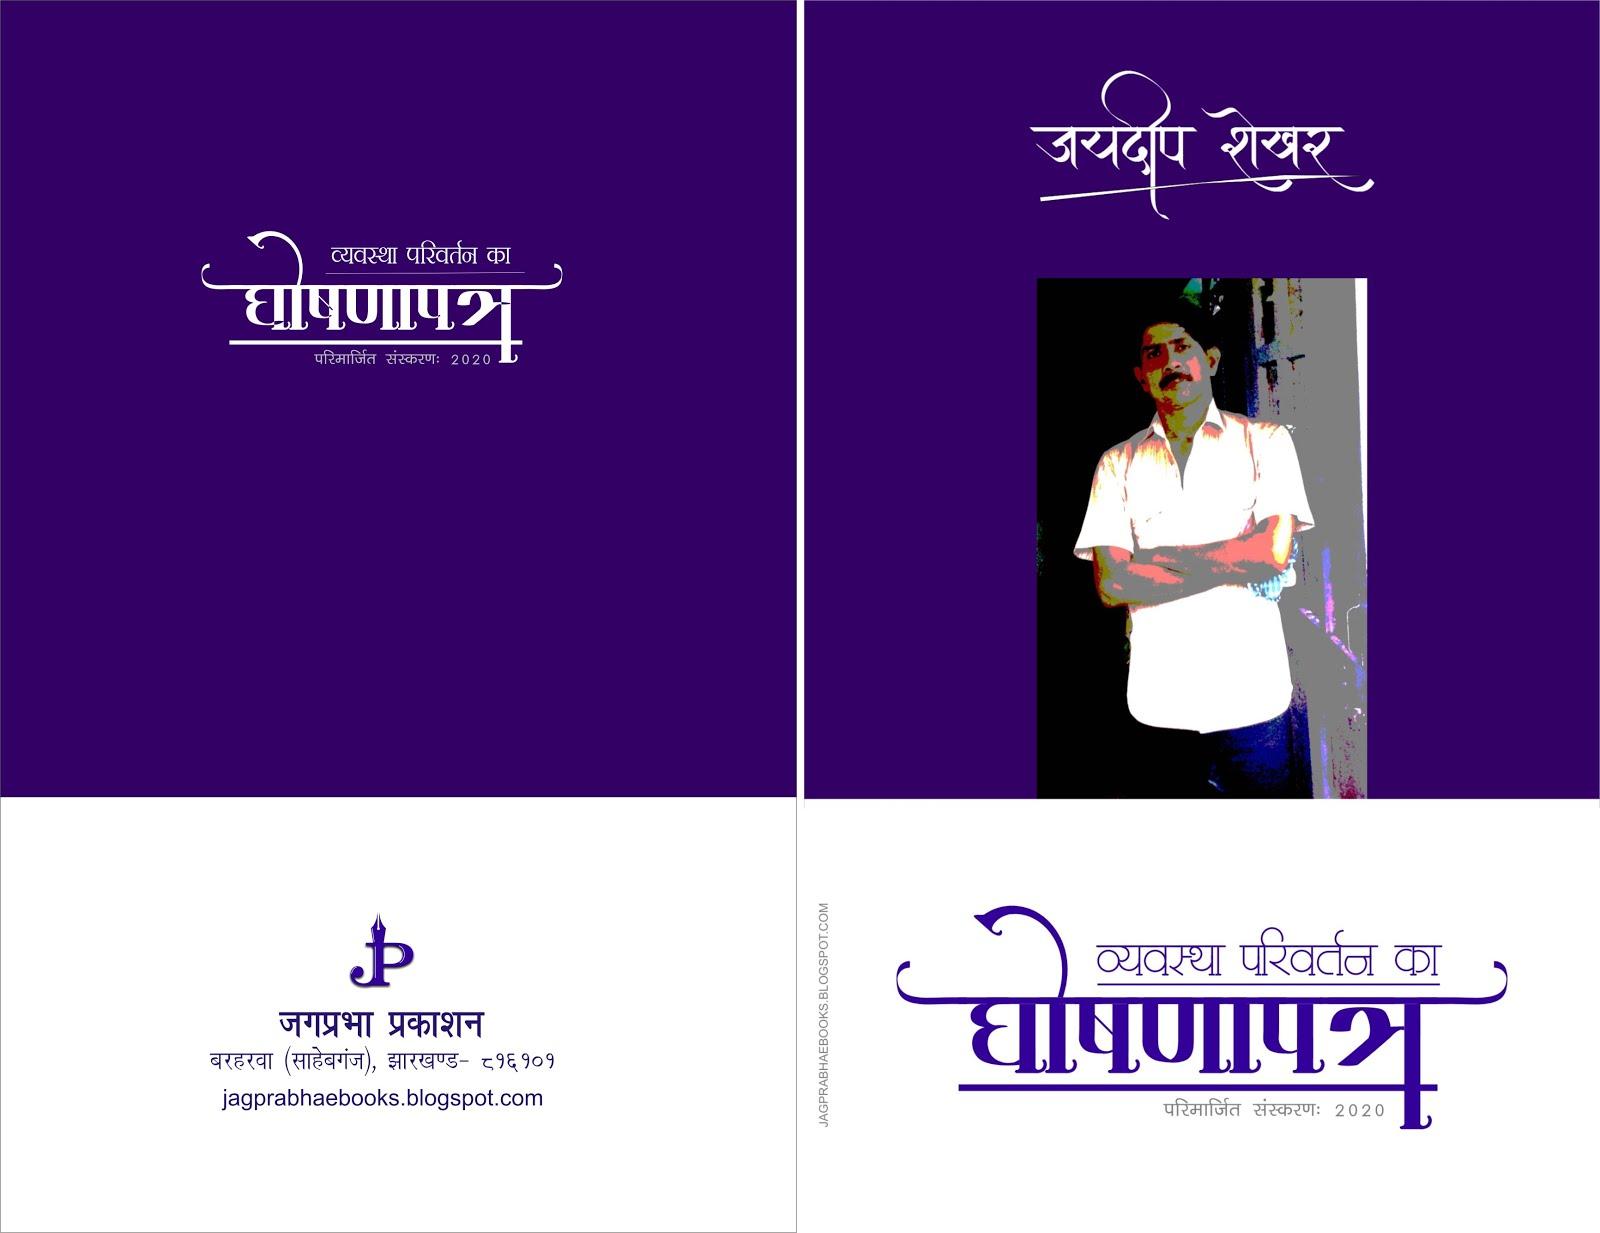 घोषणापत्र का मुद्रित संस्करण (Print on Demand के तहत) Pothi.Com पर उपलब्ध है